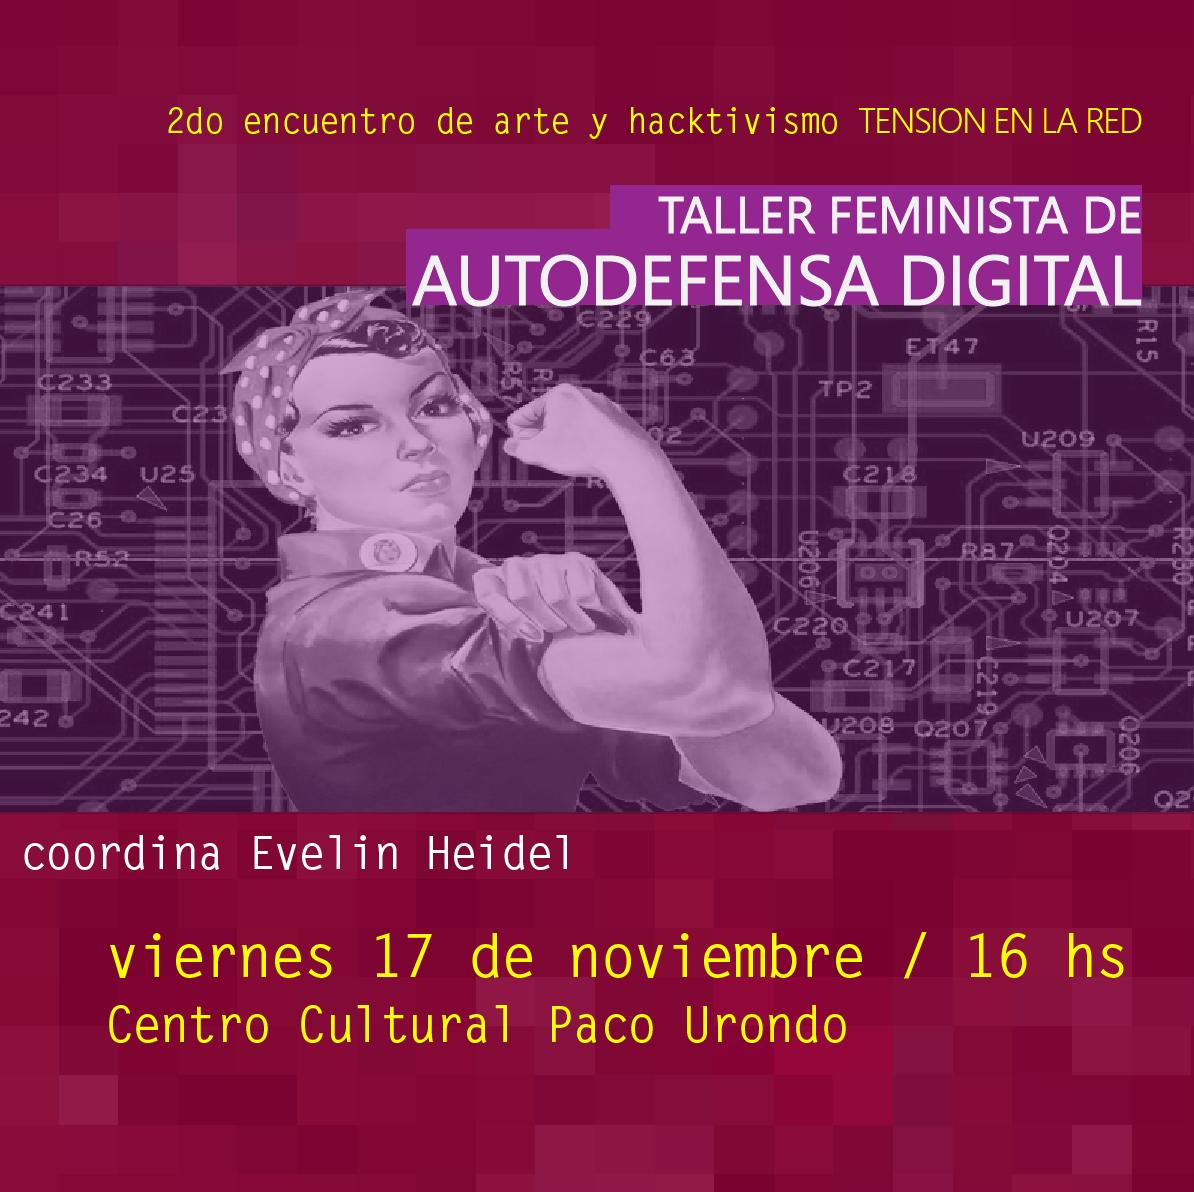 autodefensa-digital-feminista